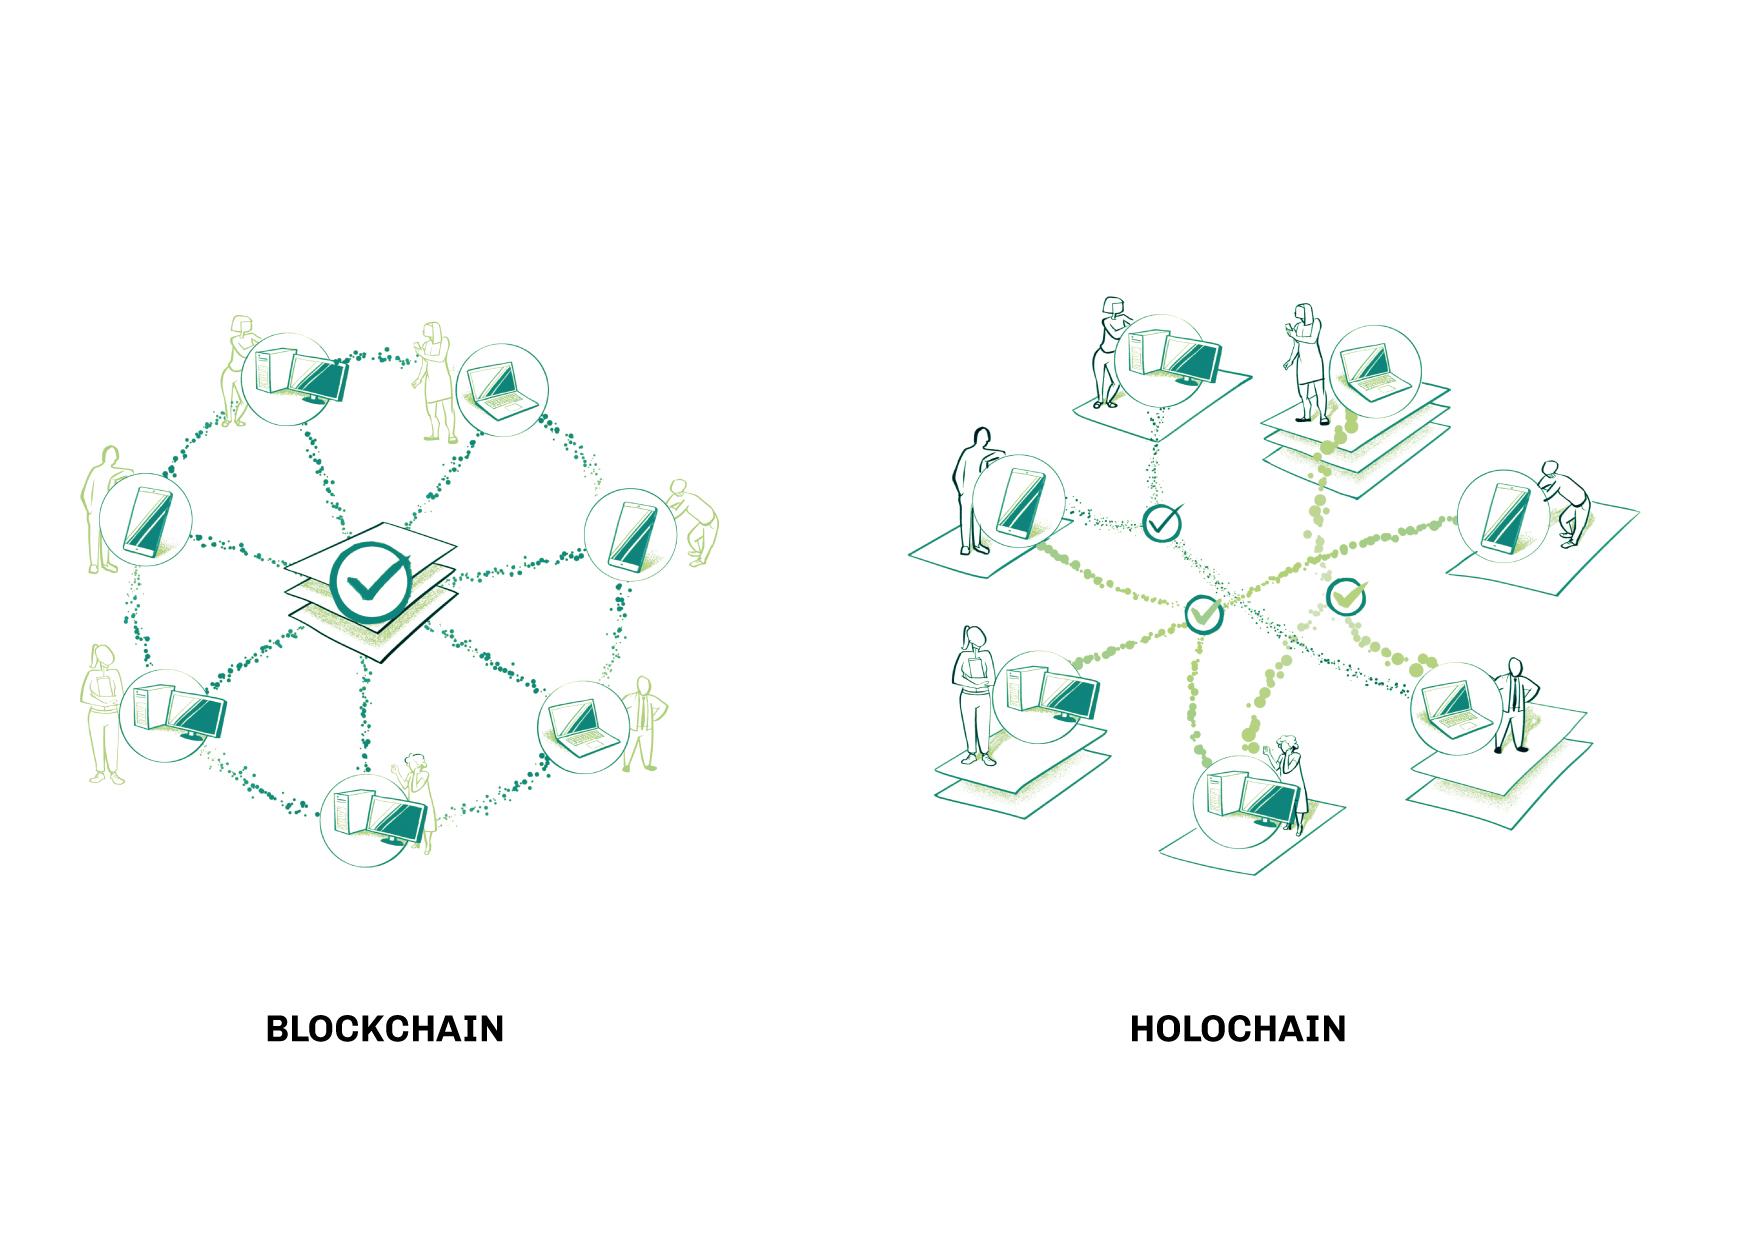 Infografia que il·lustra la diferència entre el renombrat Blockchain i l'innovador i més ètic Holochain